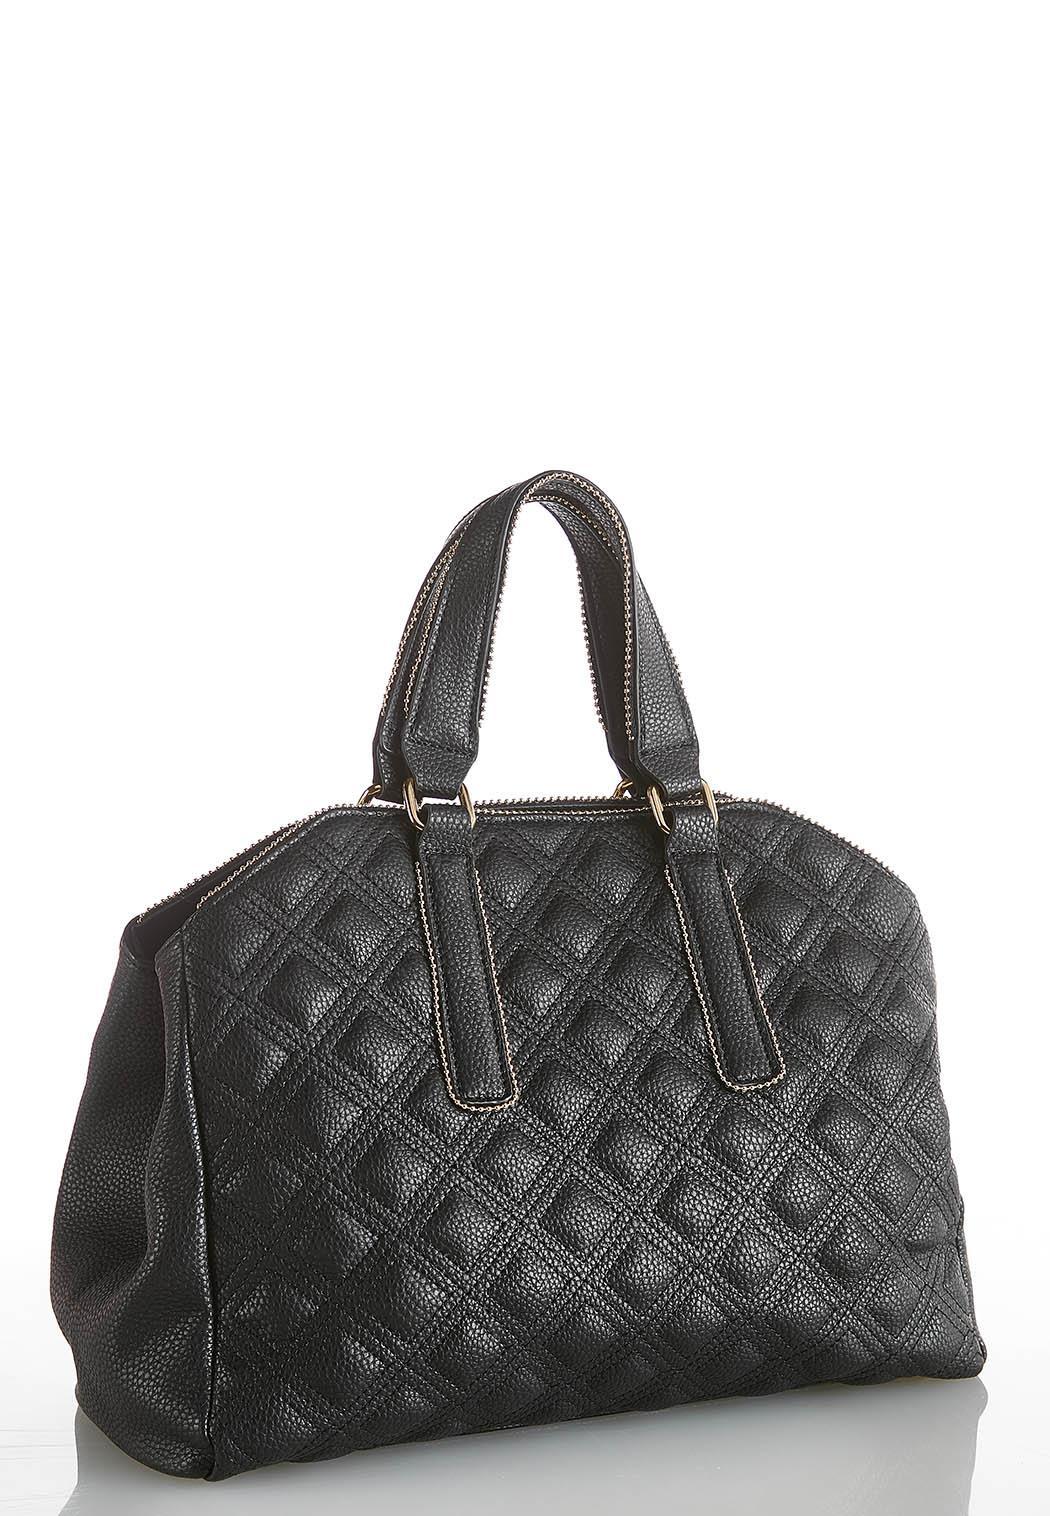 3ea0d8f708cd Women s Handbags